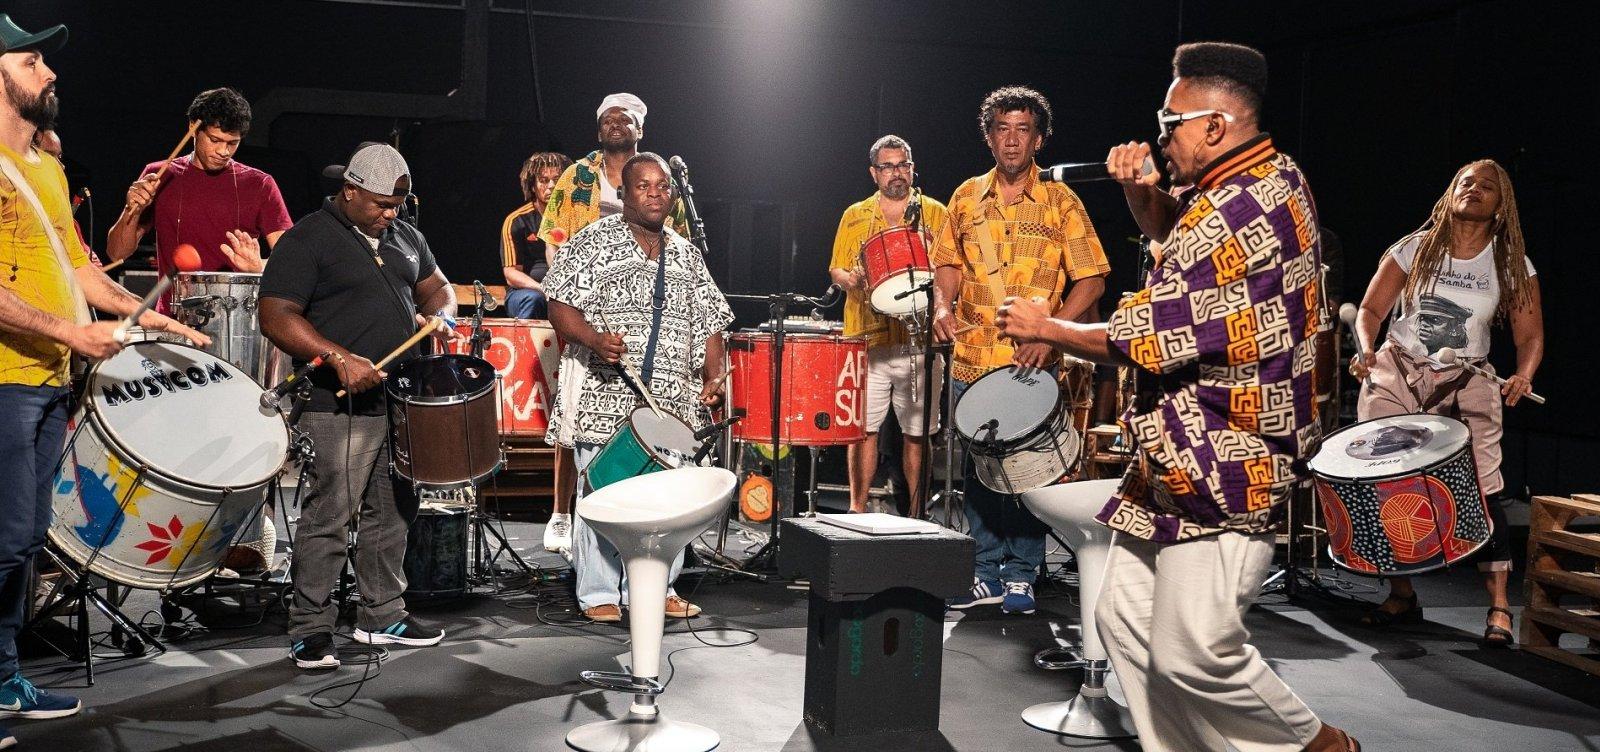 Rádio Metrópole promove Tributo ao Samba-Reggae no dia dedicado ao ritmo